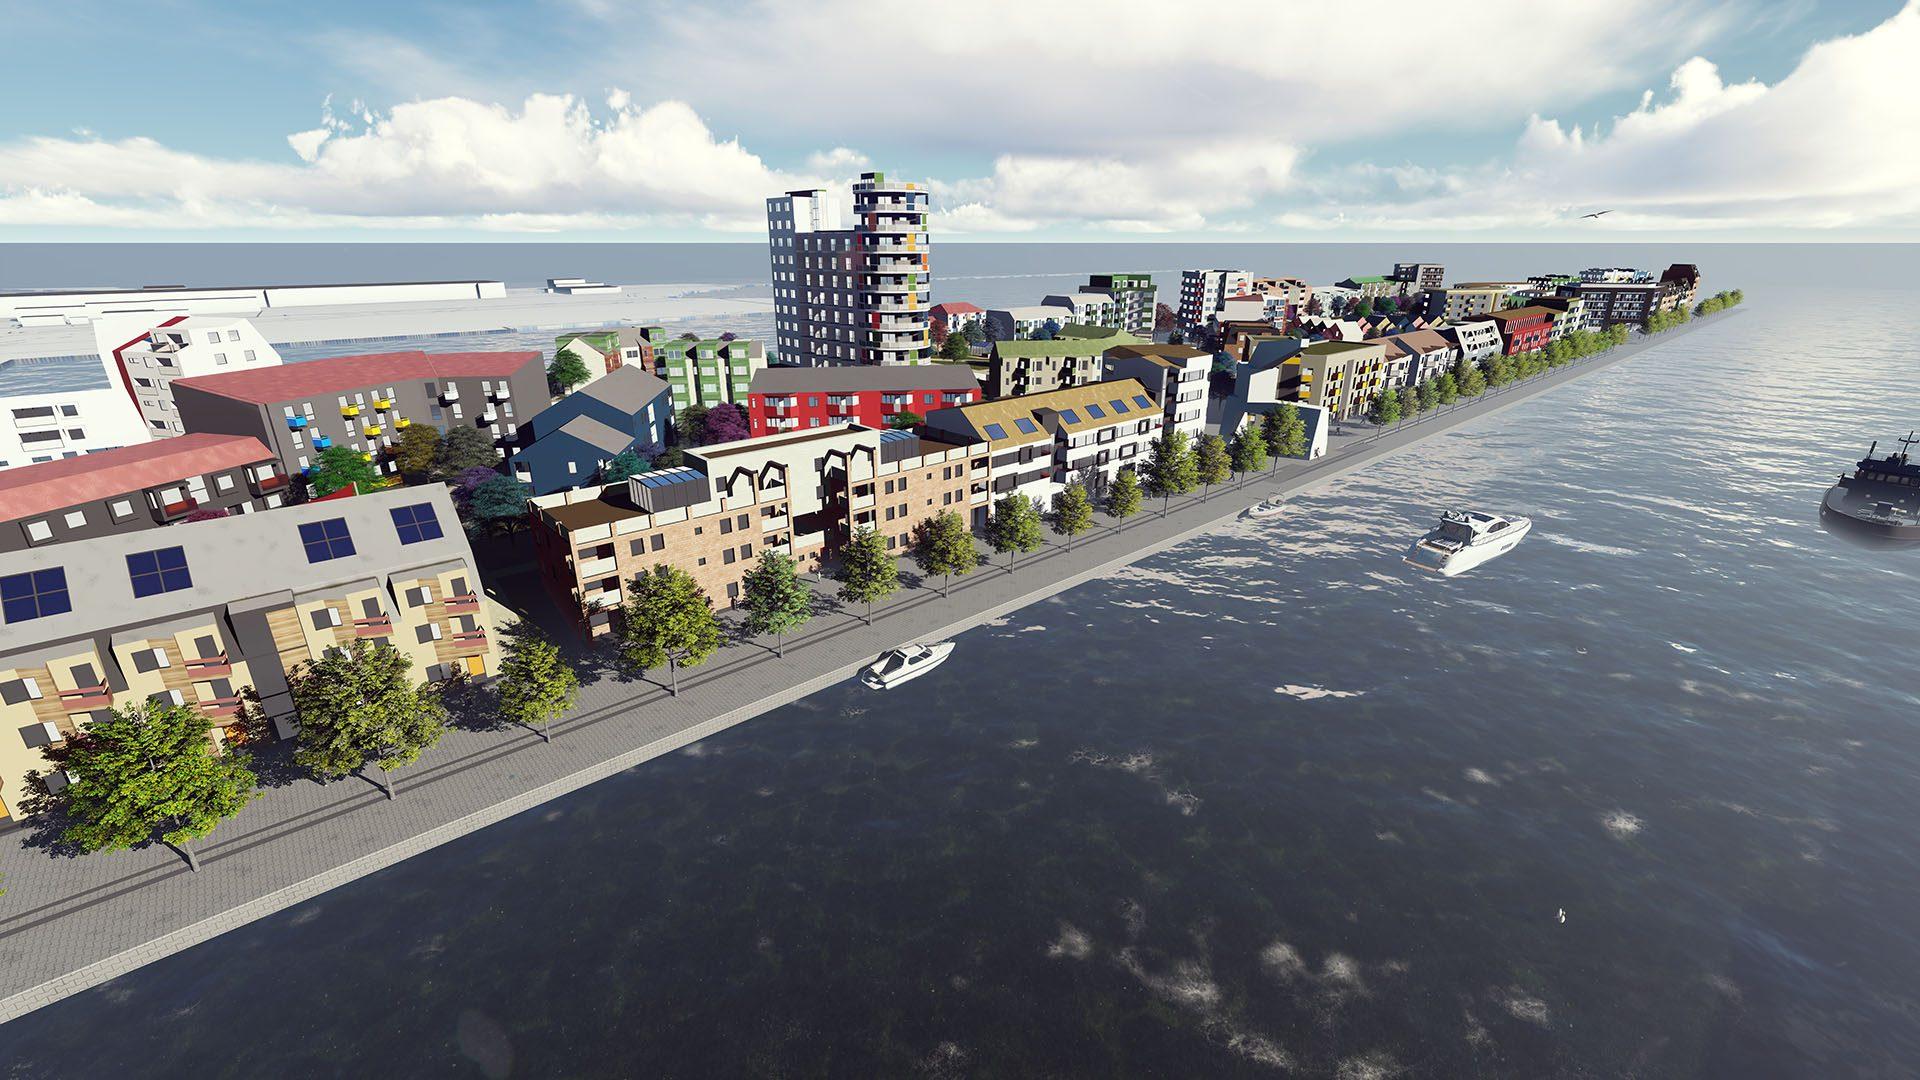 Översiktsbild över etapp 3 av byggprojektet Gävle strand